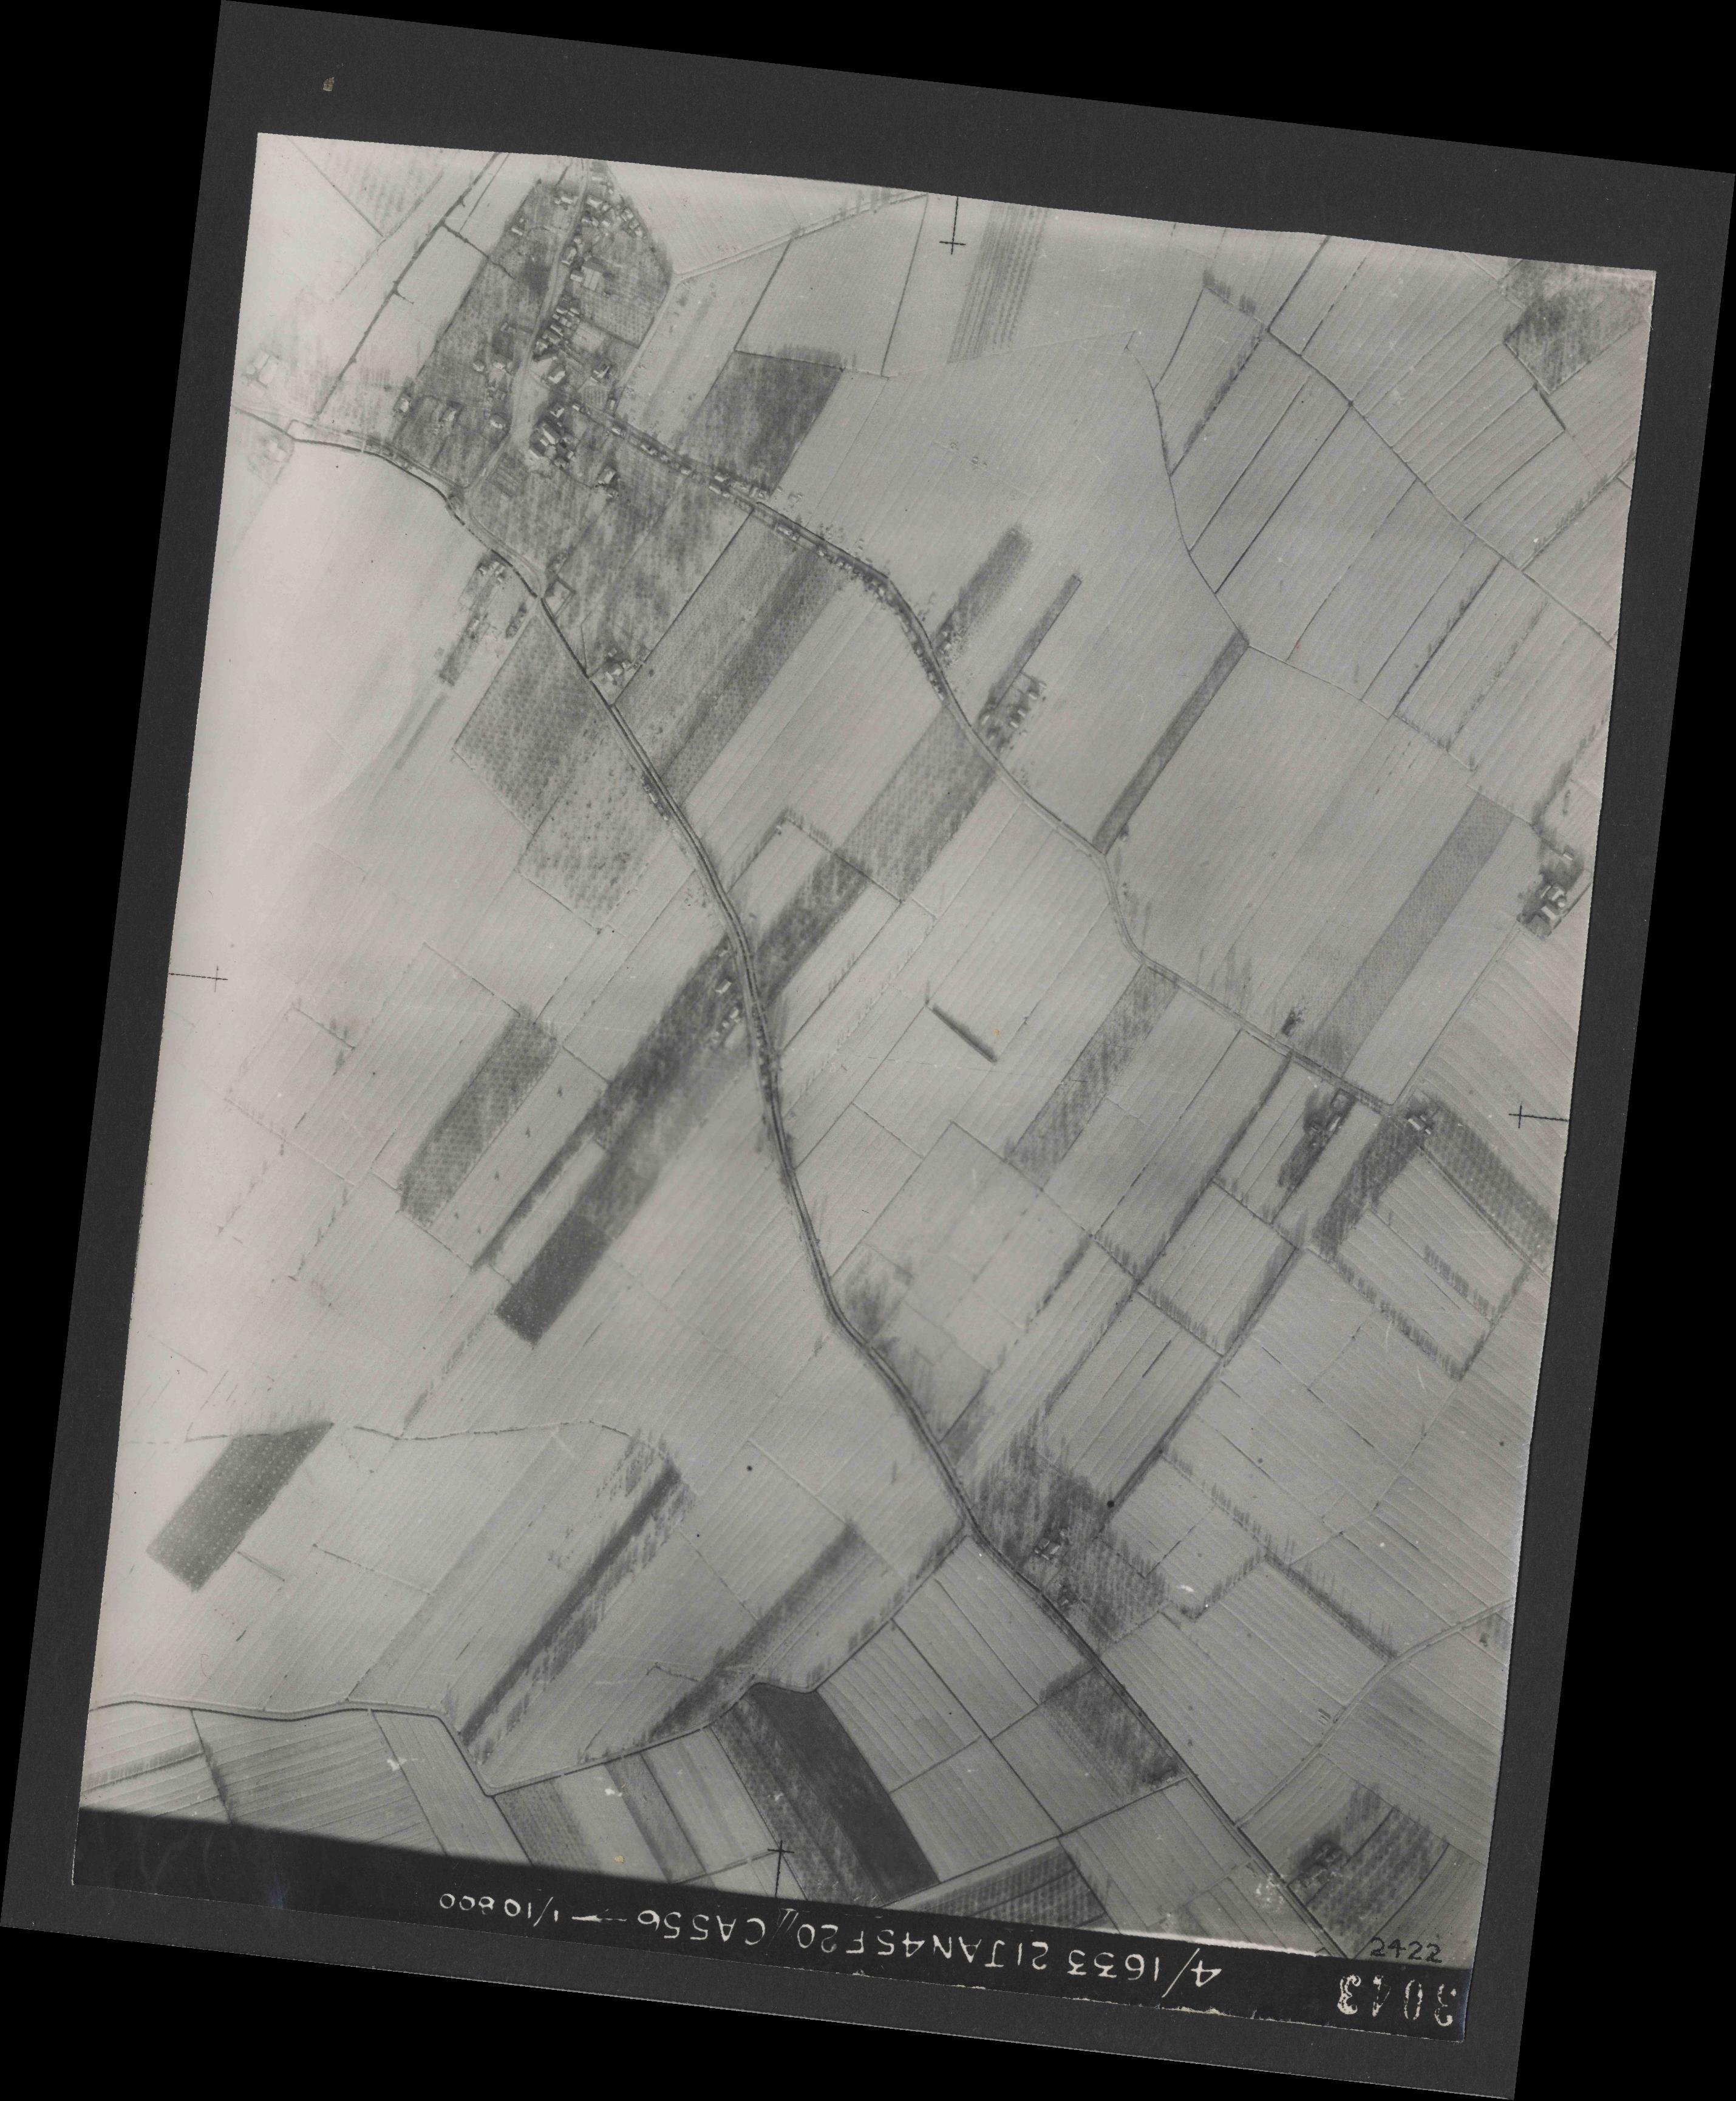 Collection RAF aerial photos 1940-1945 - flight 202, run 05, photo 3043